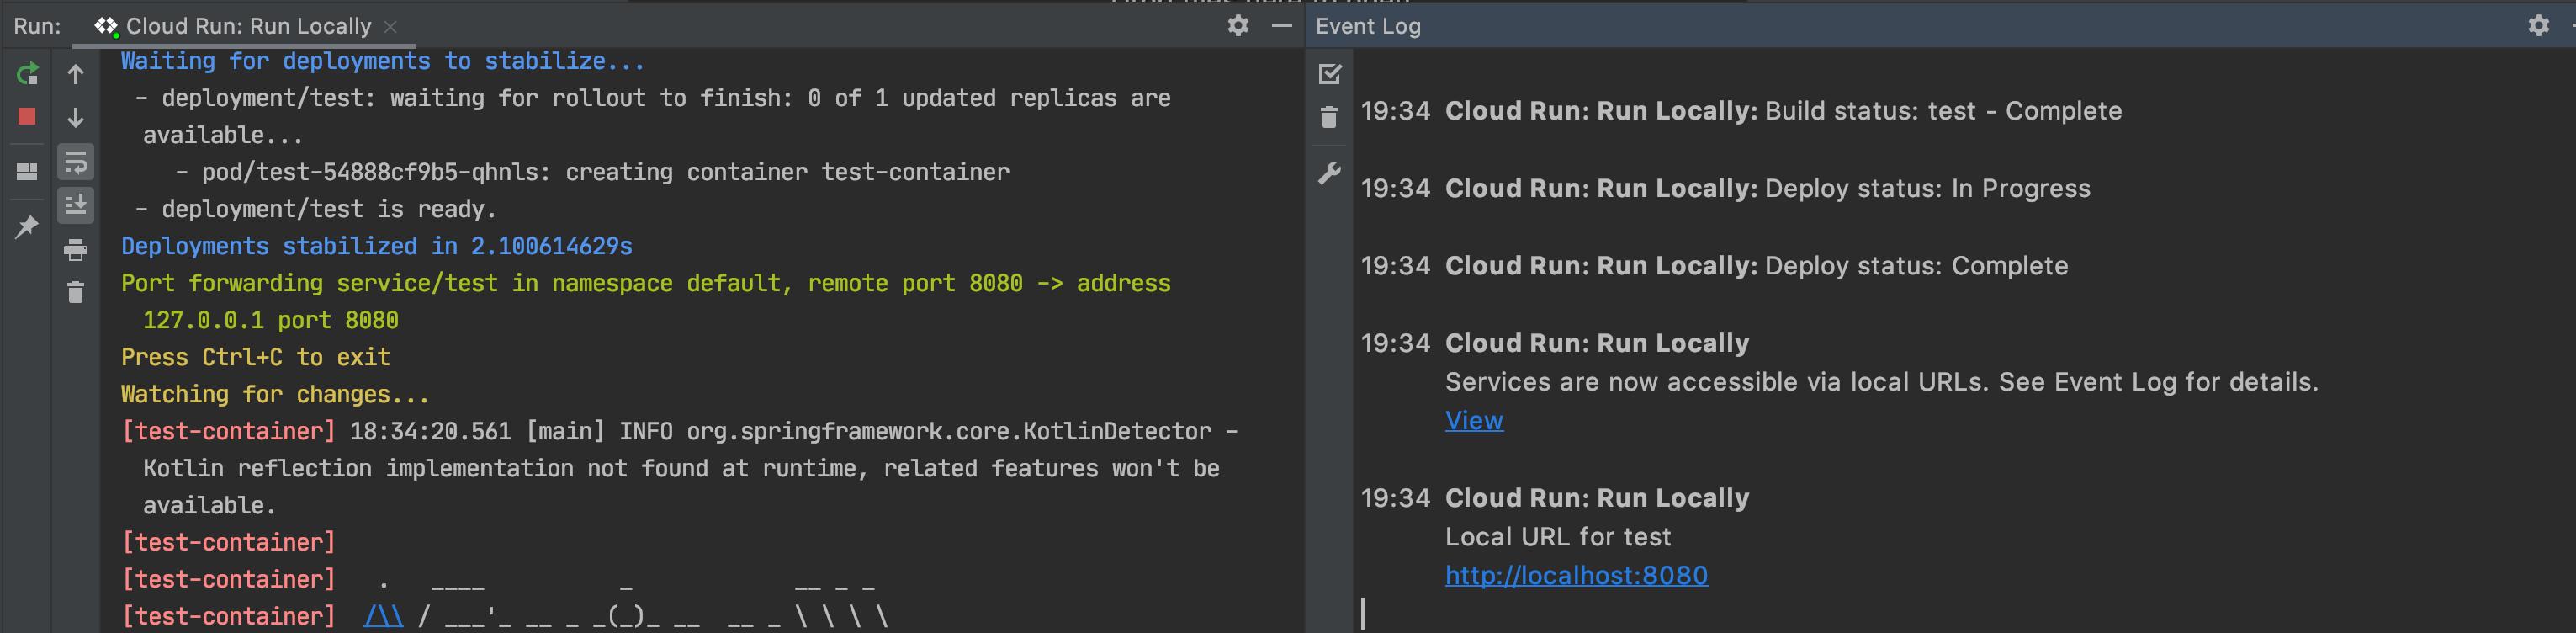 Registro de eventos con notificación de implementación exitosa y URL para obtener una vista previa de su servicio